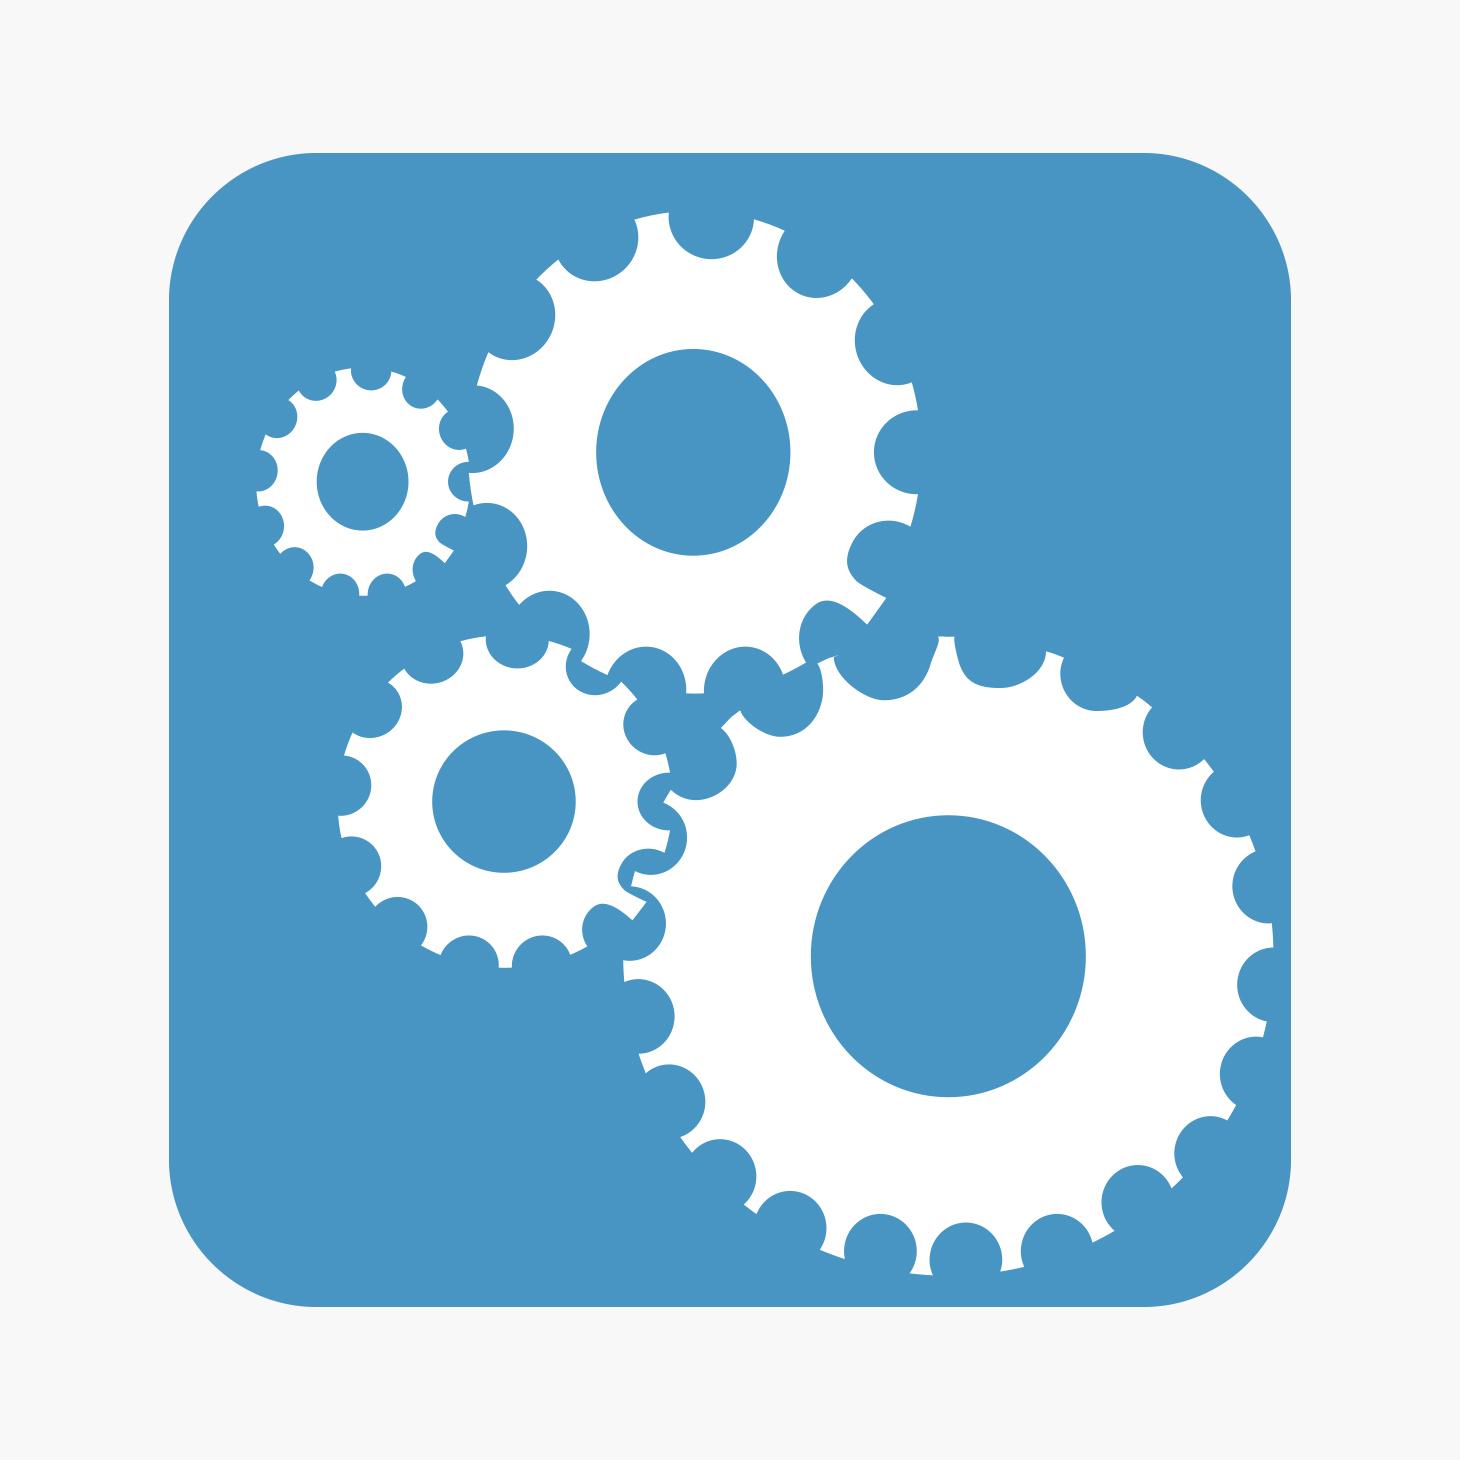 Логотип / иконка сервиса управления проектами / задачами фото f_6945975b1e10d315.jpg